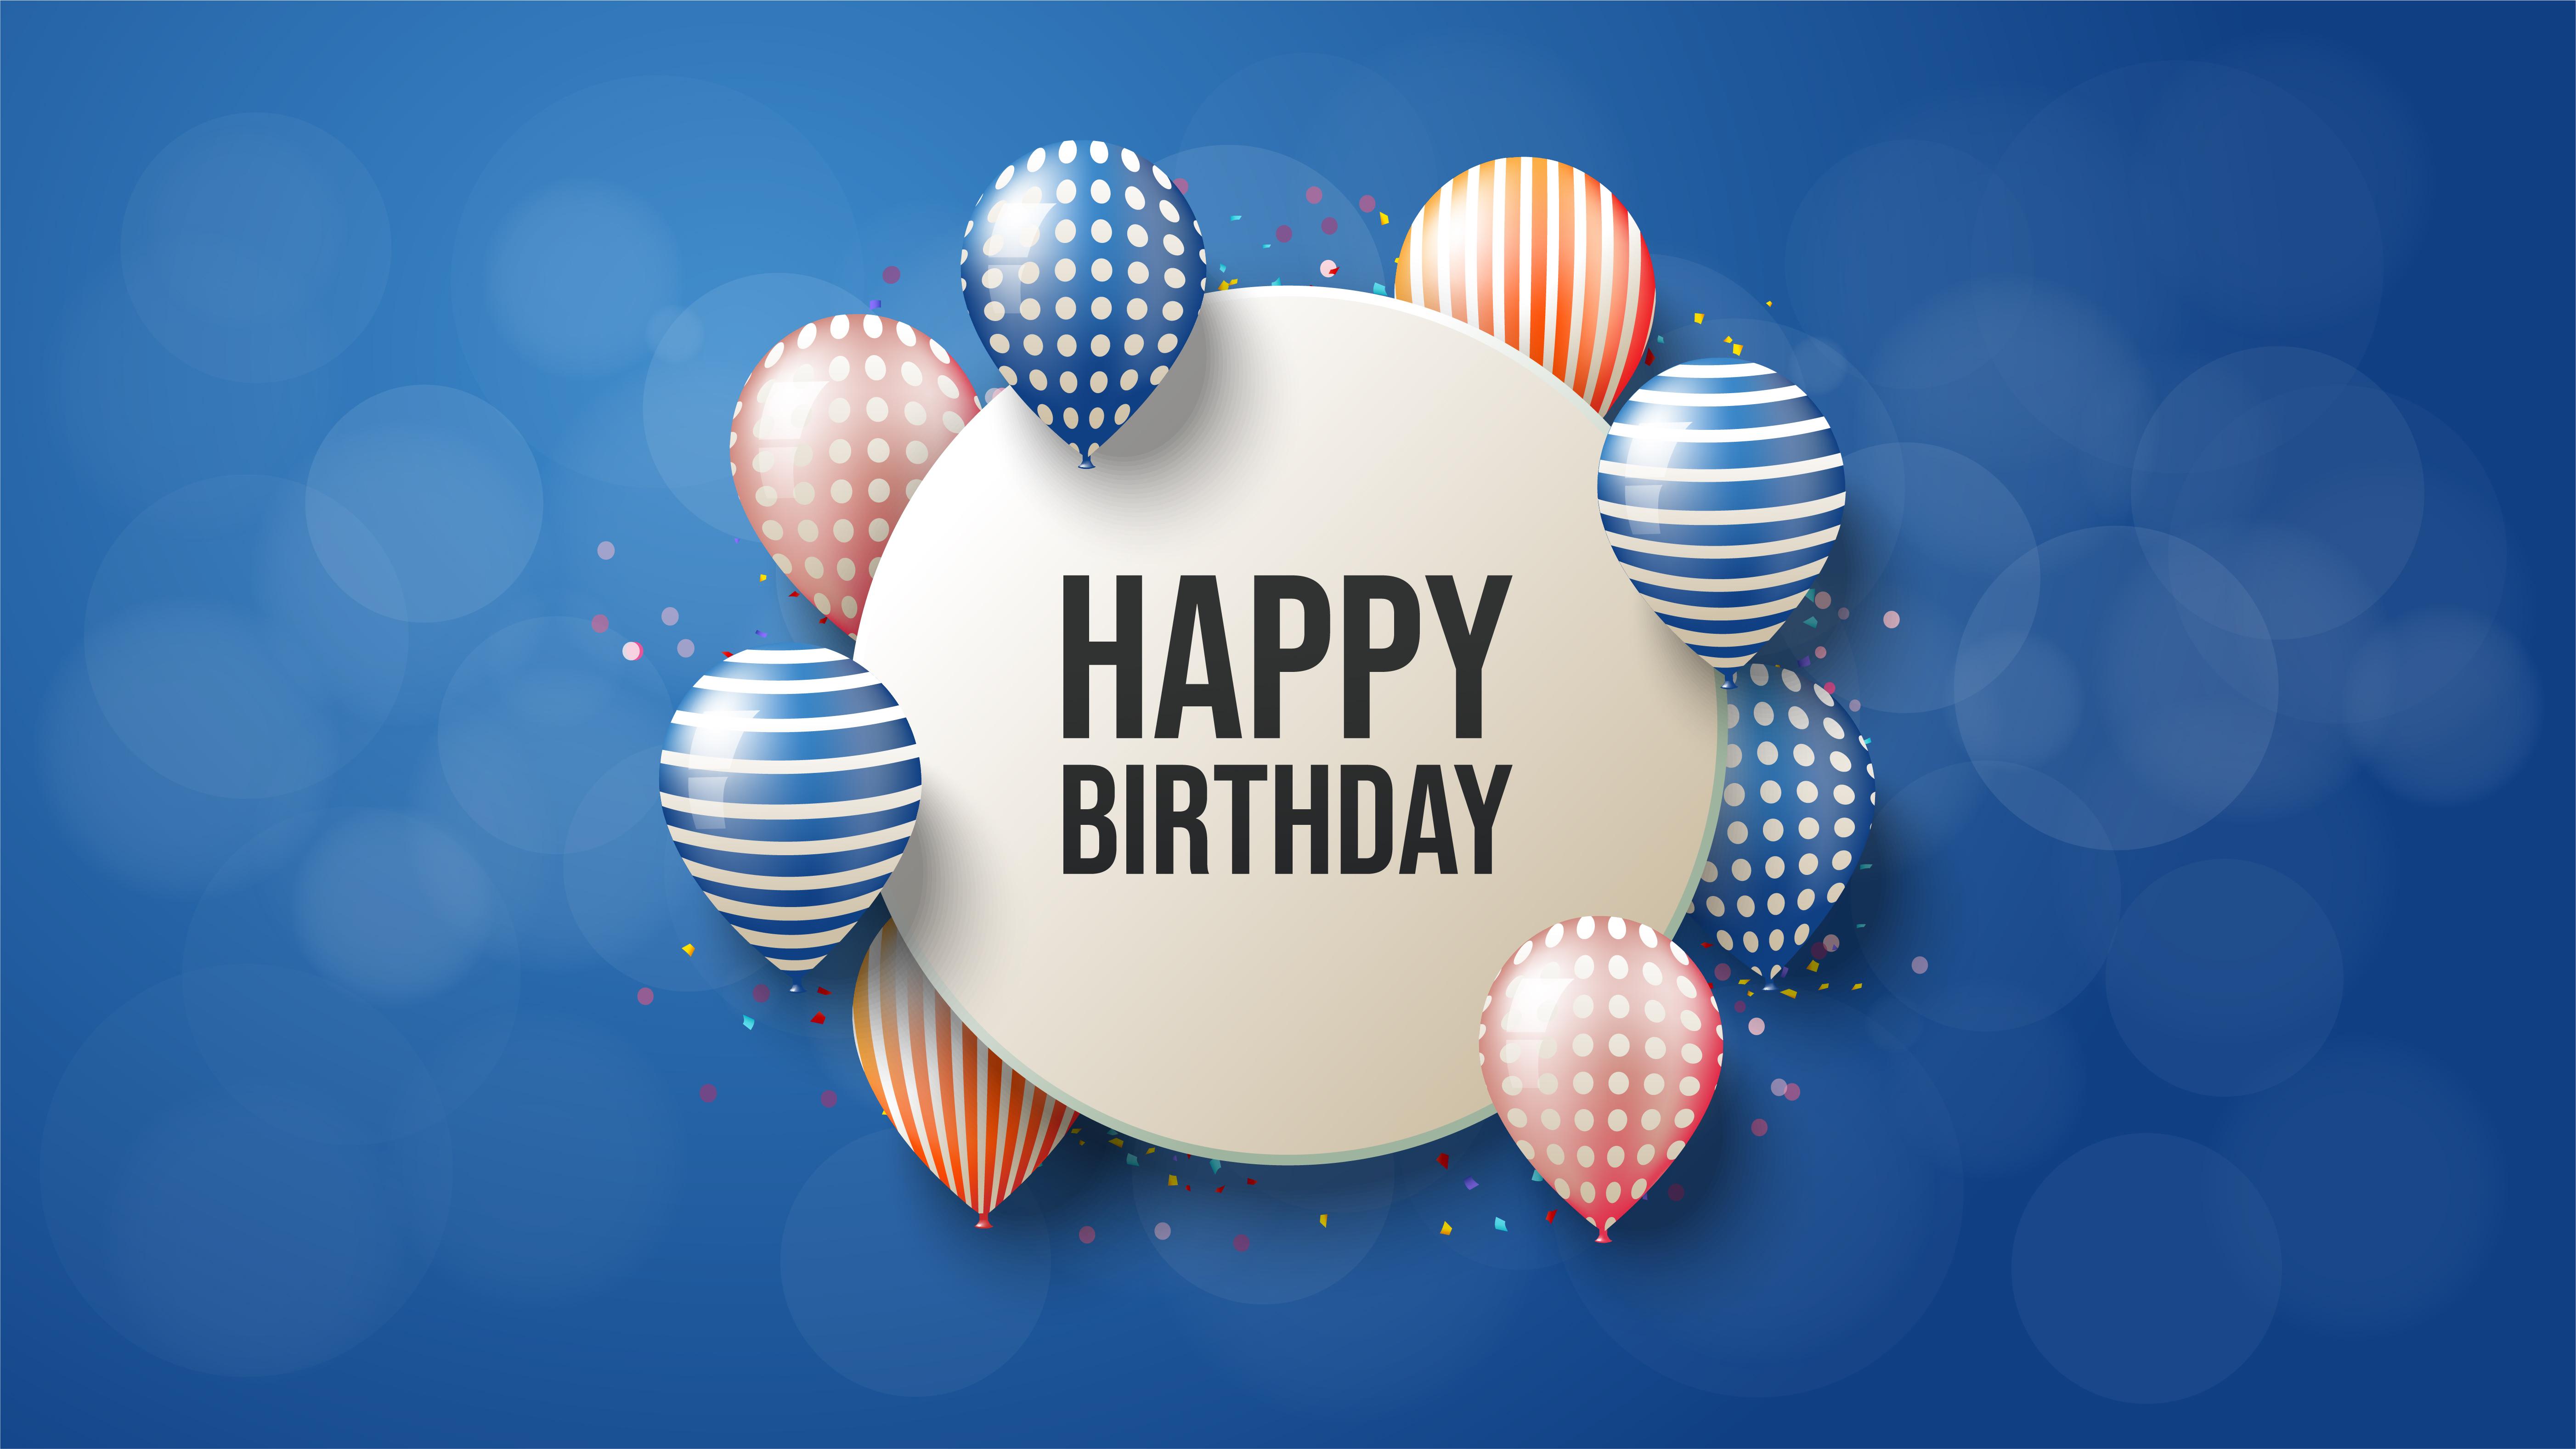 circular happy birthday background  download free vectors